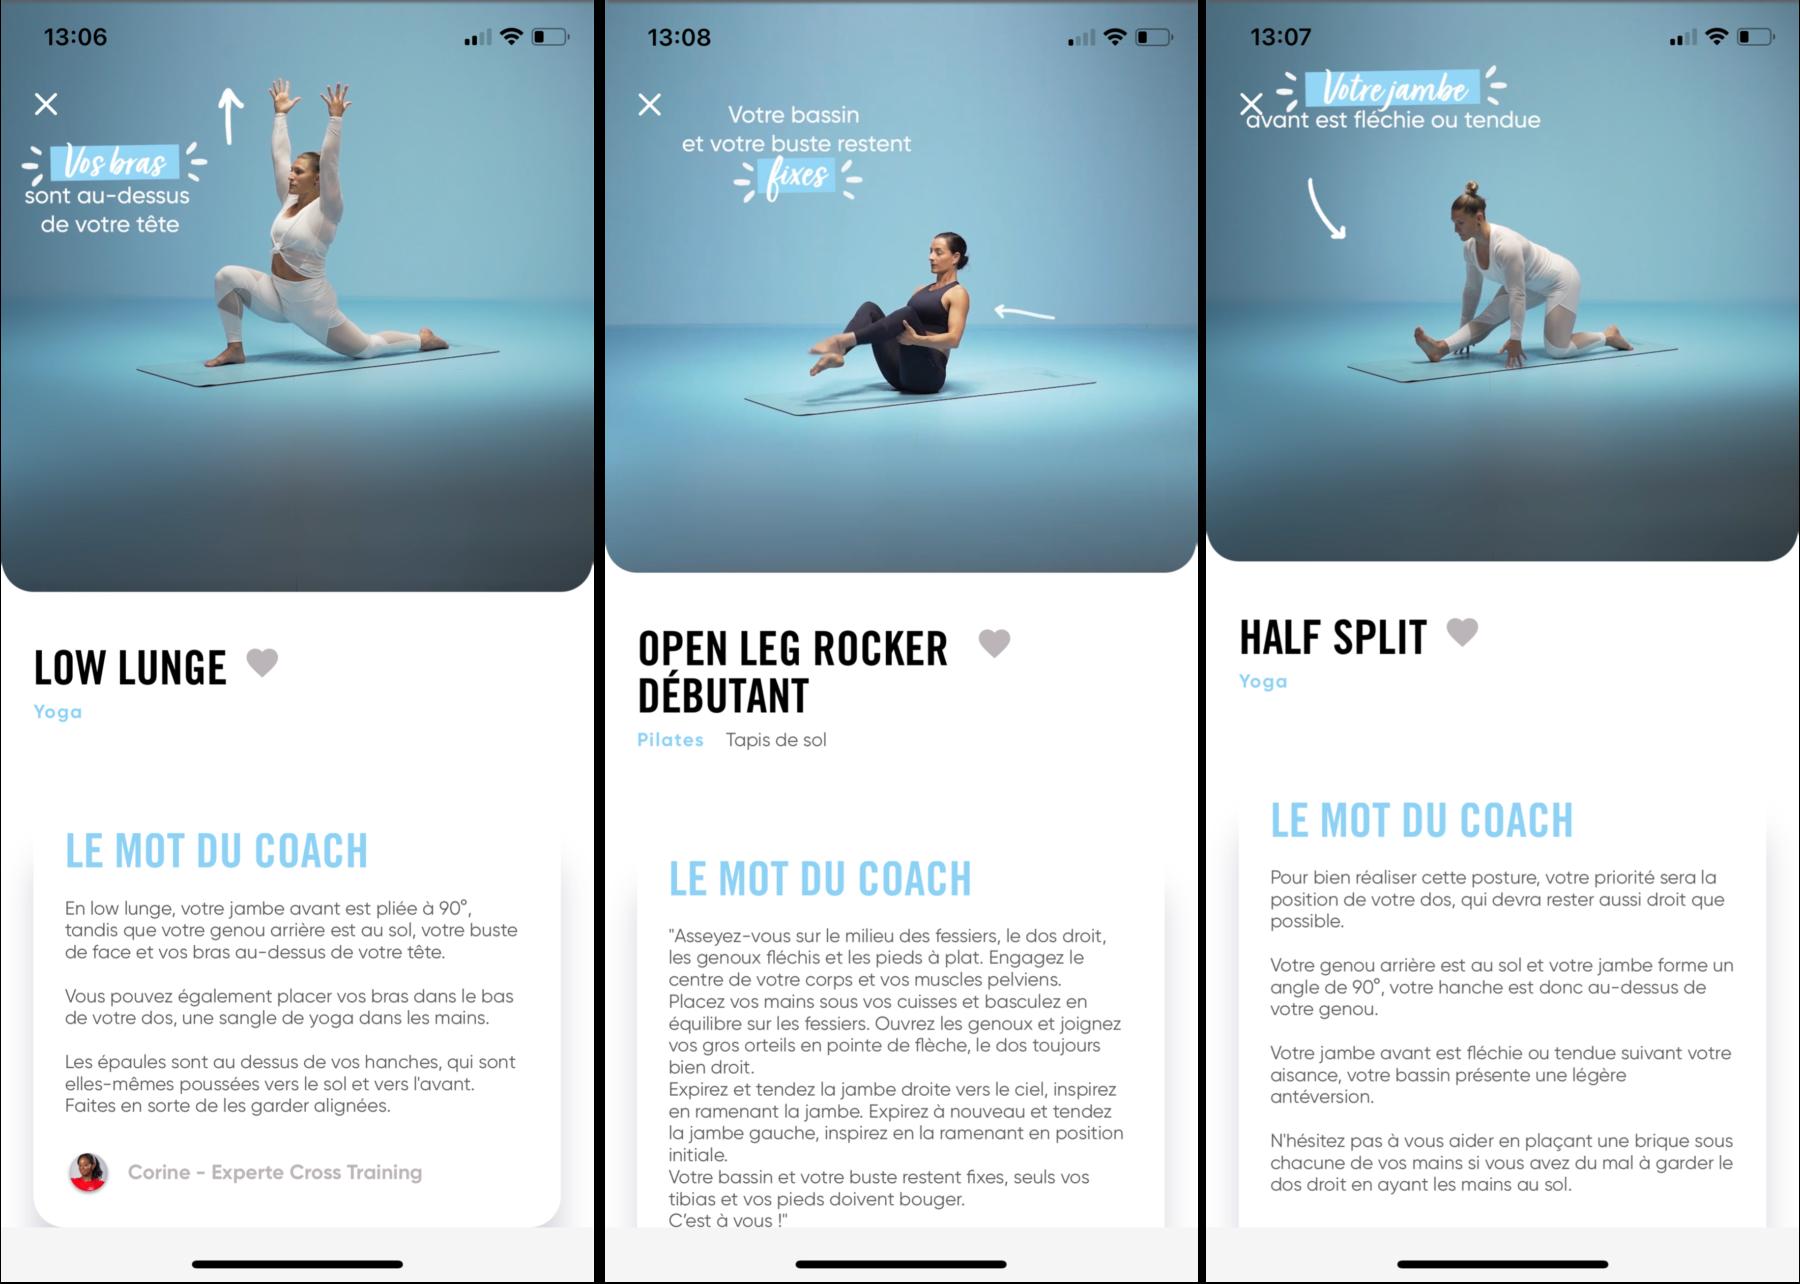 Rédaction des programmes sportifs pour l'application Neoness by Digilia